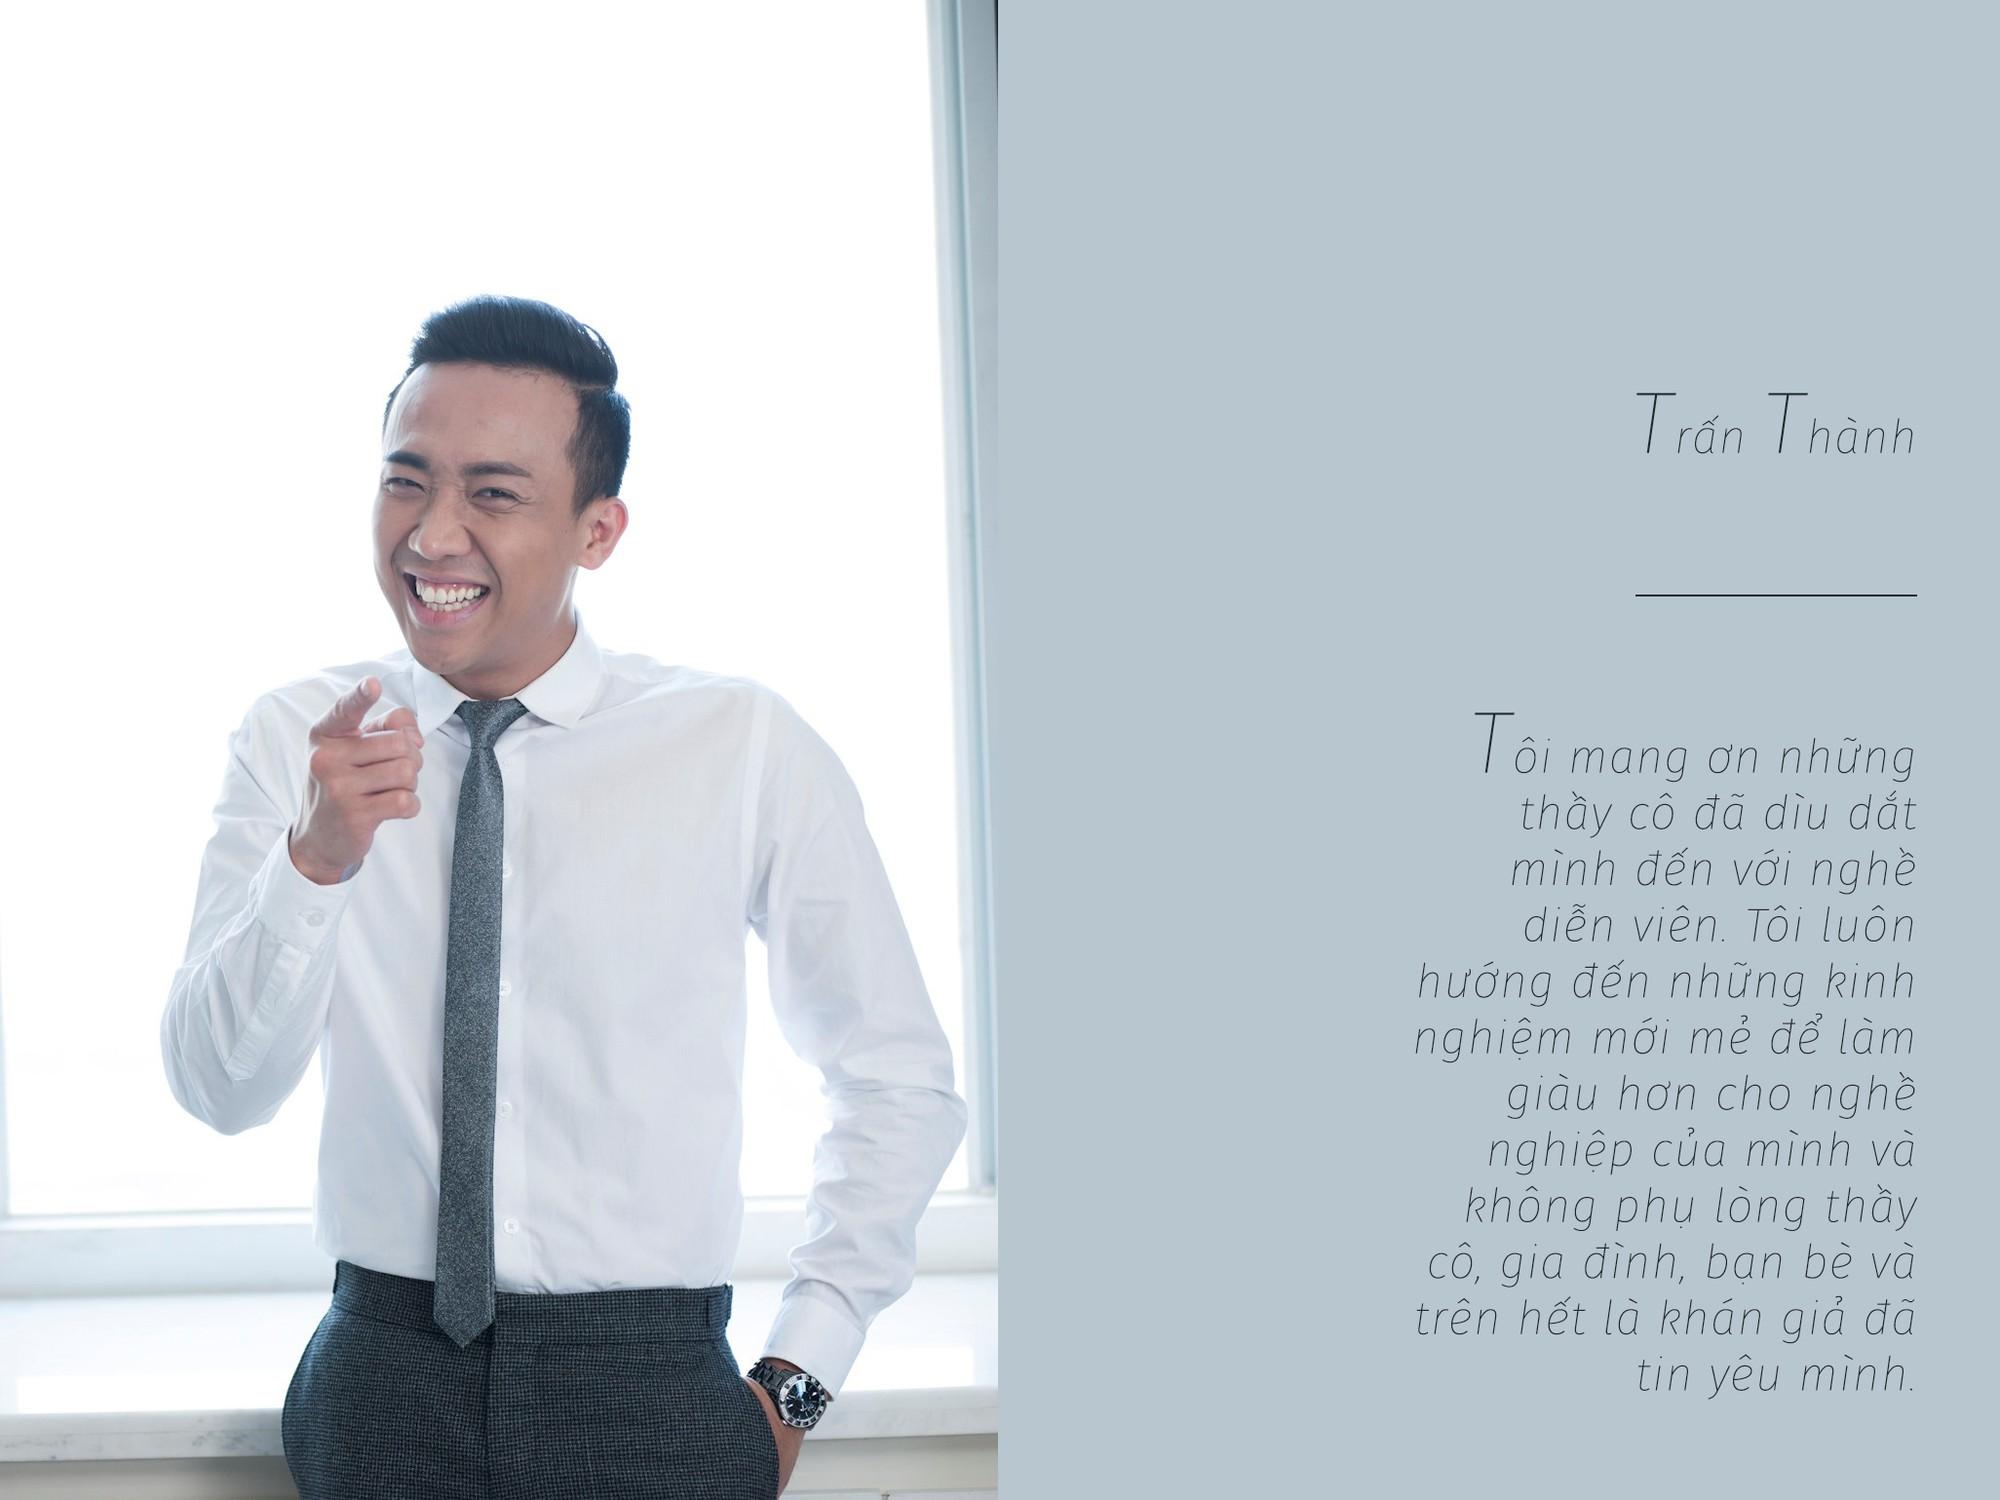 [eMagazine] - Trấn Thành: Nỗ lực không ngừng để được tin yêu - Ảnh 11.